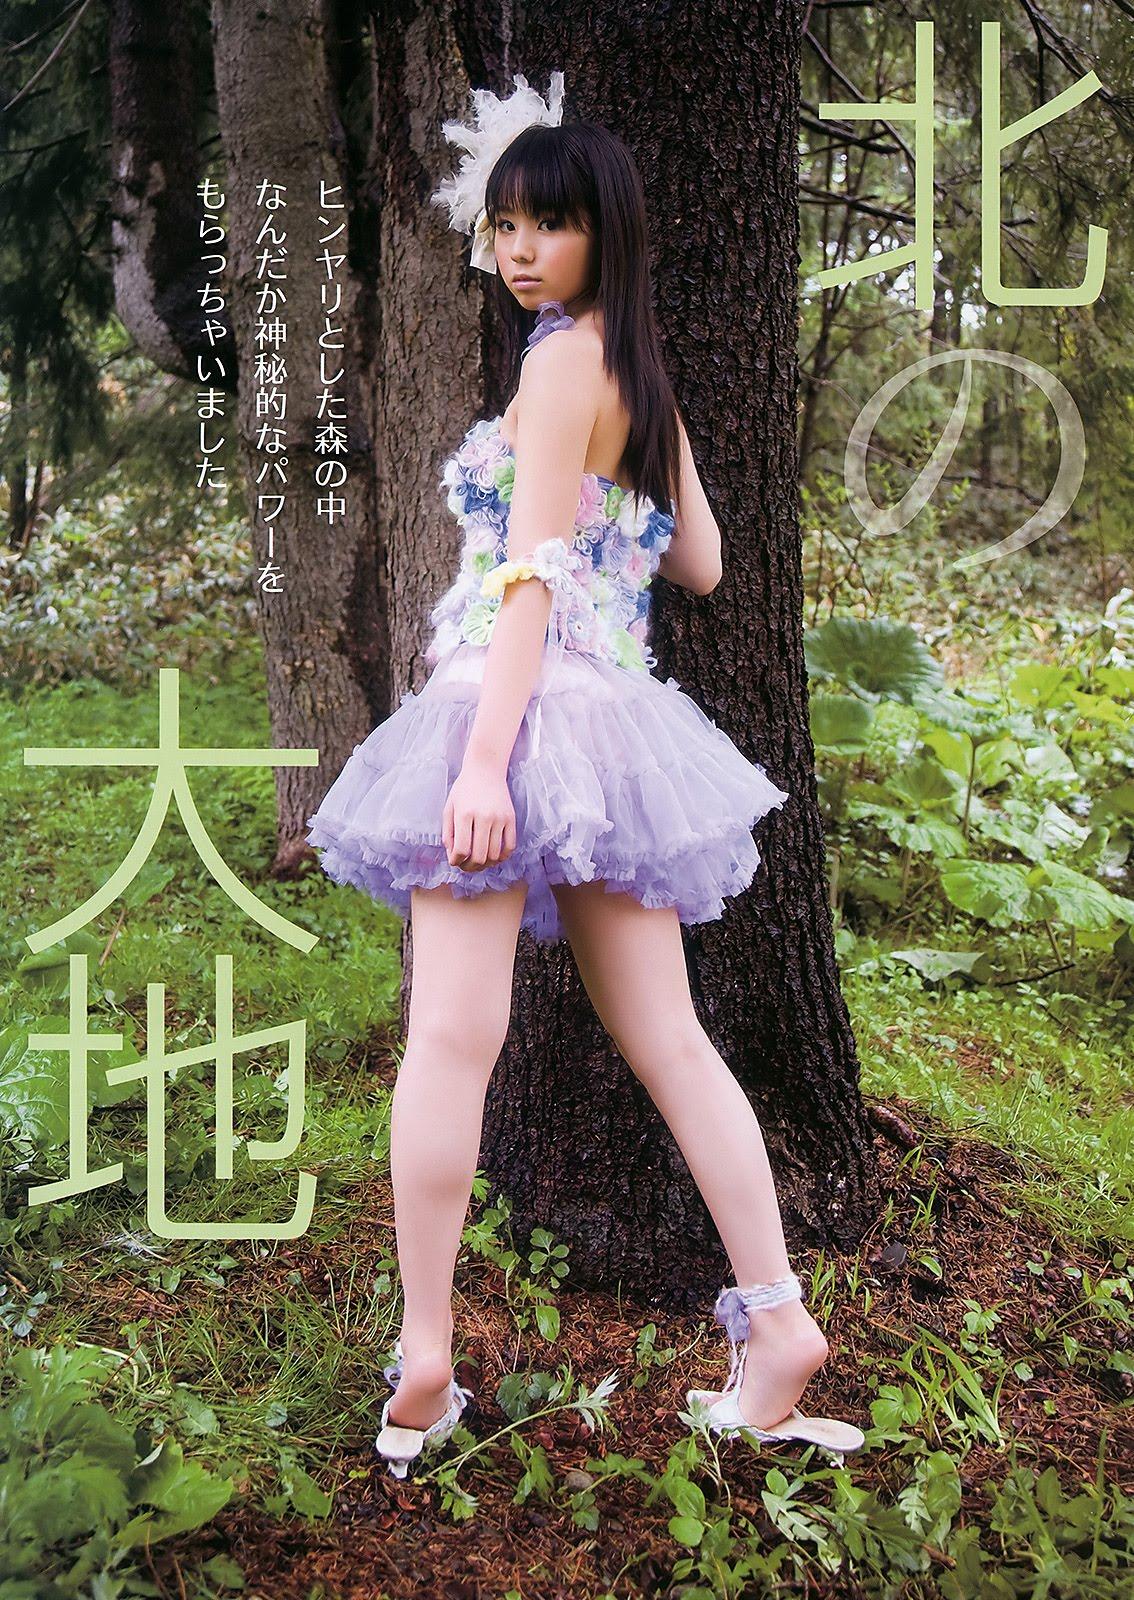 Wallpaper Cute Korean Girl Rina Koike Japanese Gravure Girl Pt 2 Cute Japanese